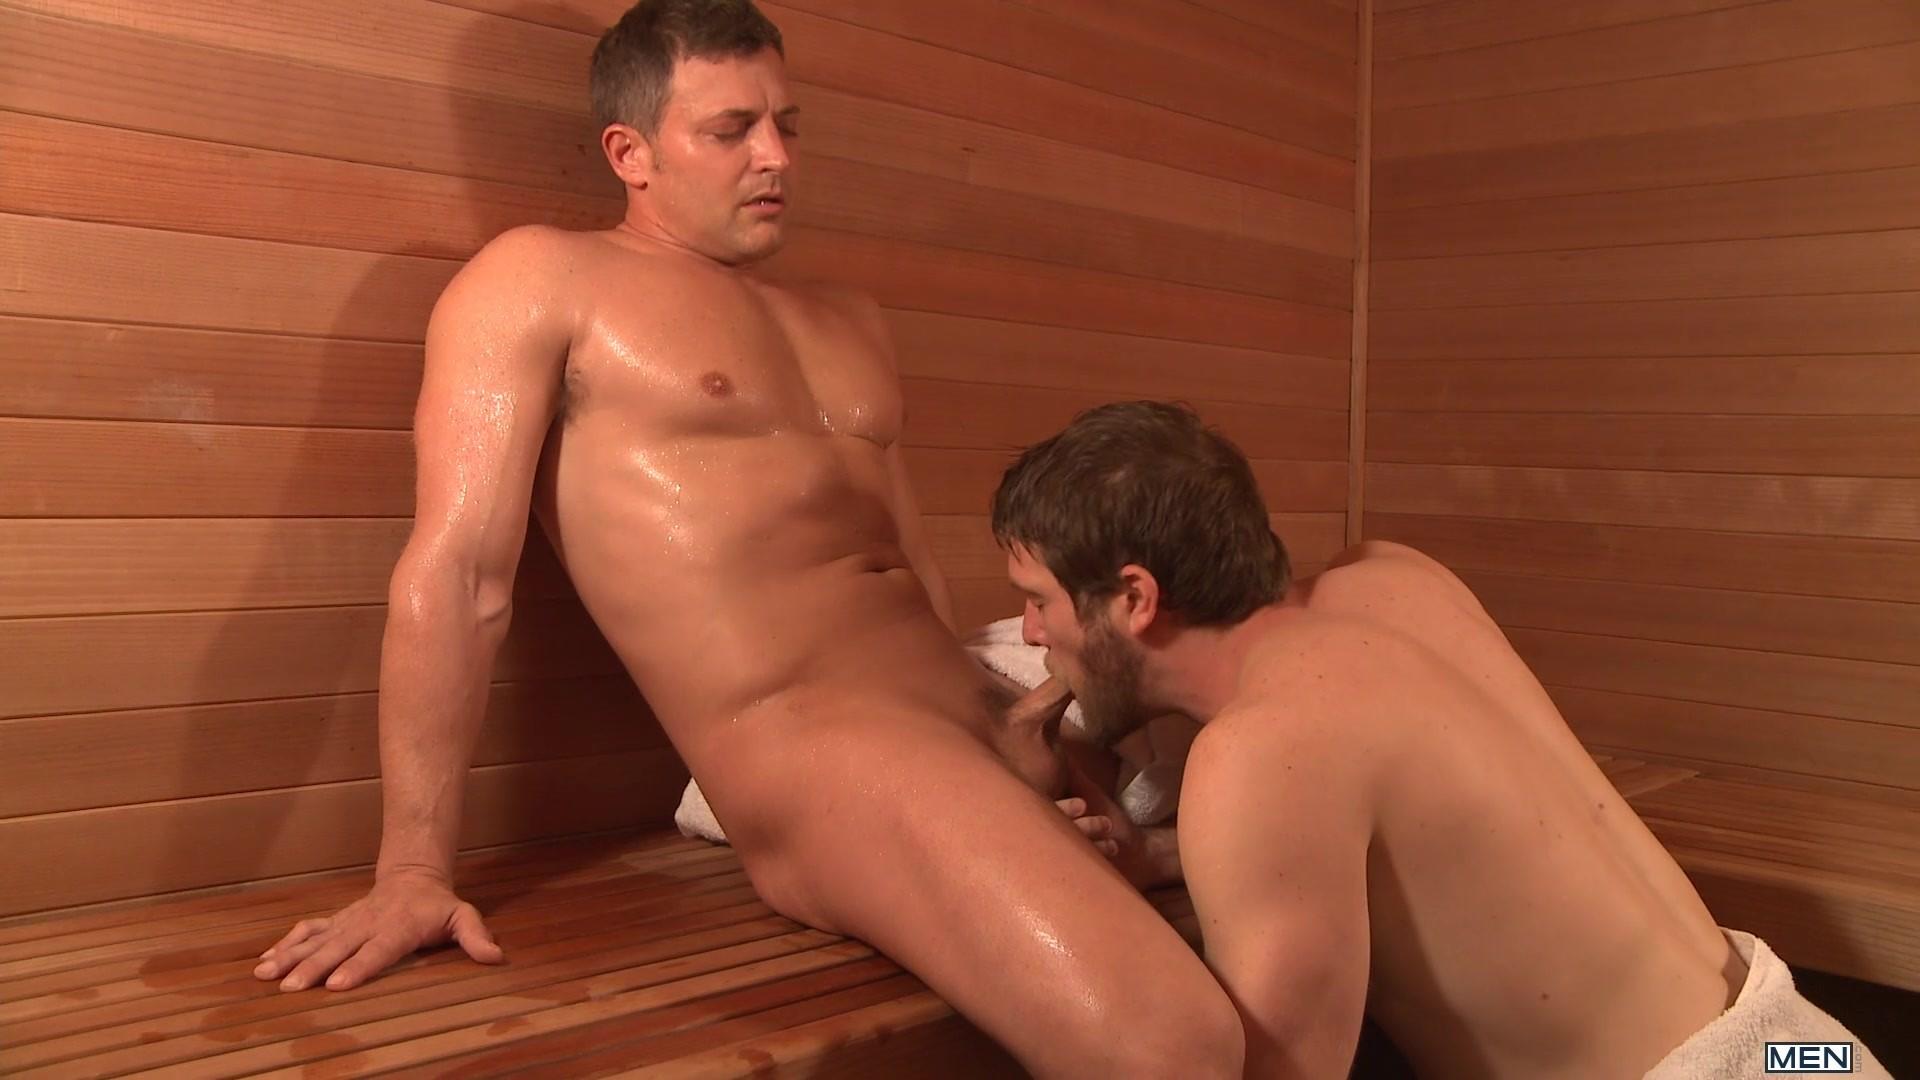 секс видео с мускулистым парнем в бане модели